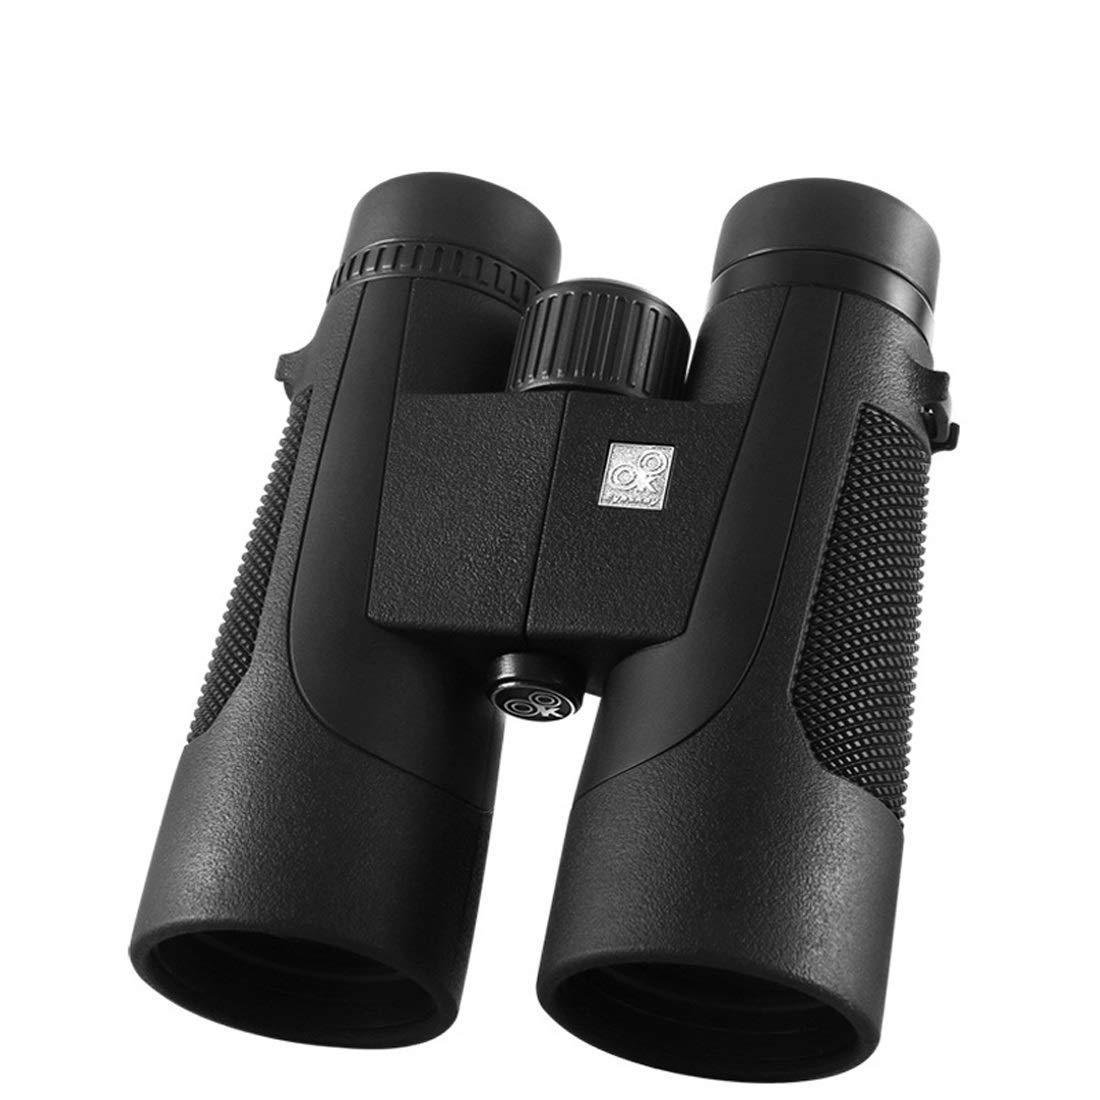 LilyAngel 手で選んだプリズムとHDガラスを使用した大人用双眼鏡、狩猟 B07MV89YHJ、ハイキング Black10X42、野生動物またはスポーツゲームのためのよりクリアでシャープな Black10X42 B07MV89YHJ, フラガリア商店:a657d6b5 --- itxassou.fr